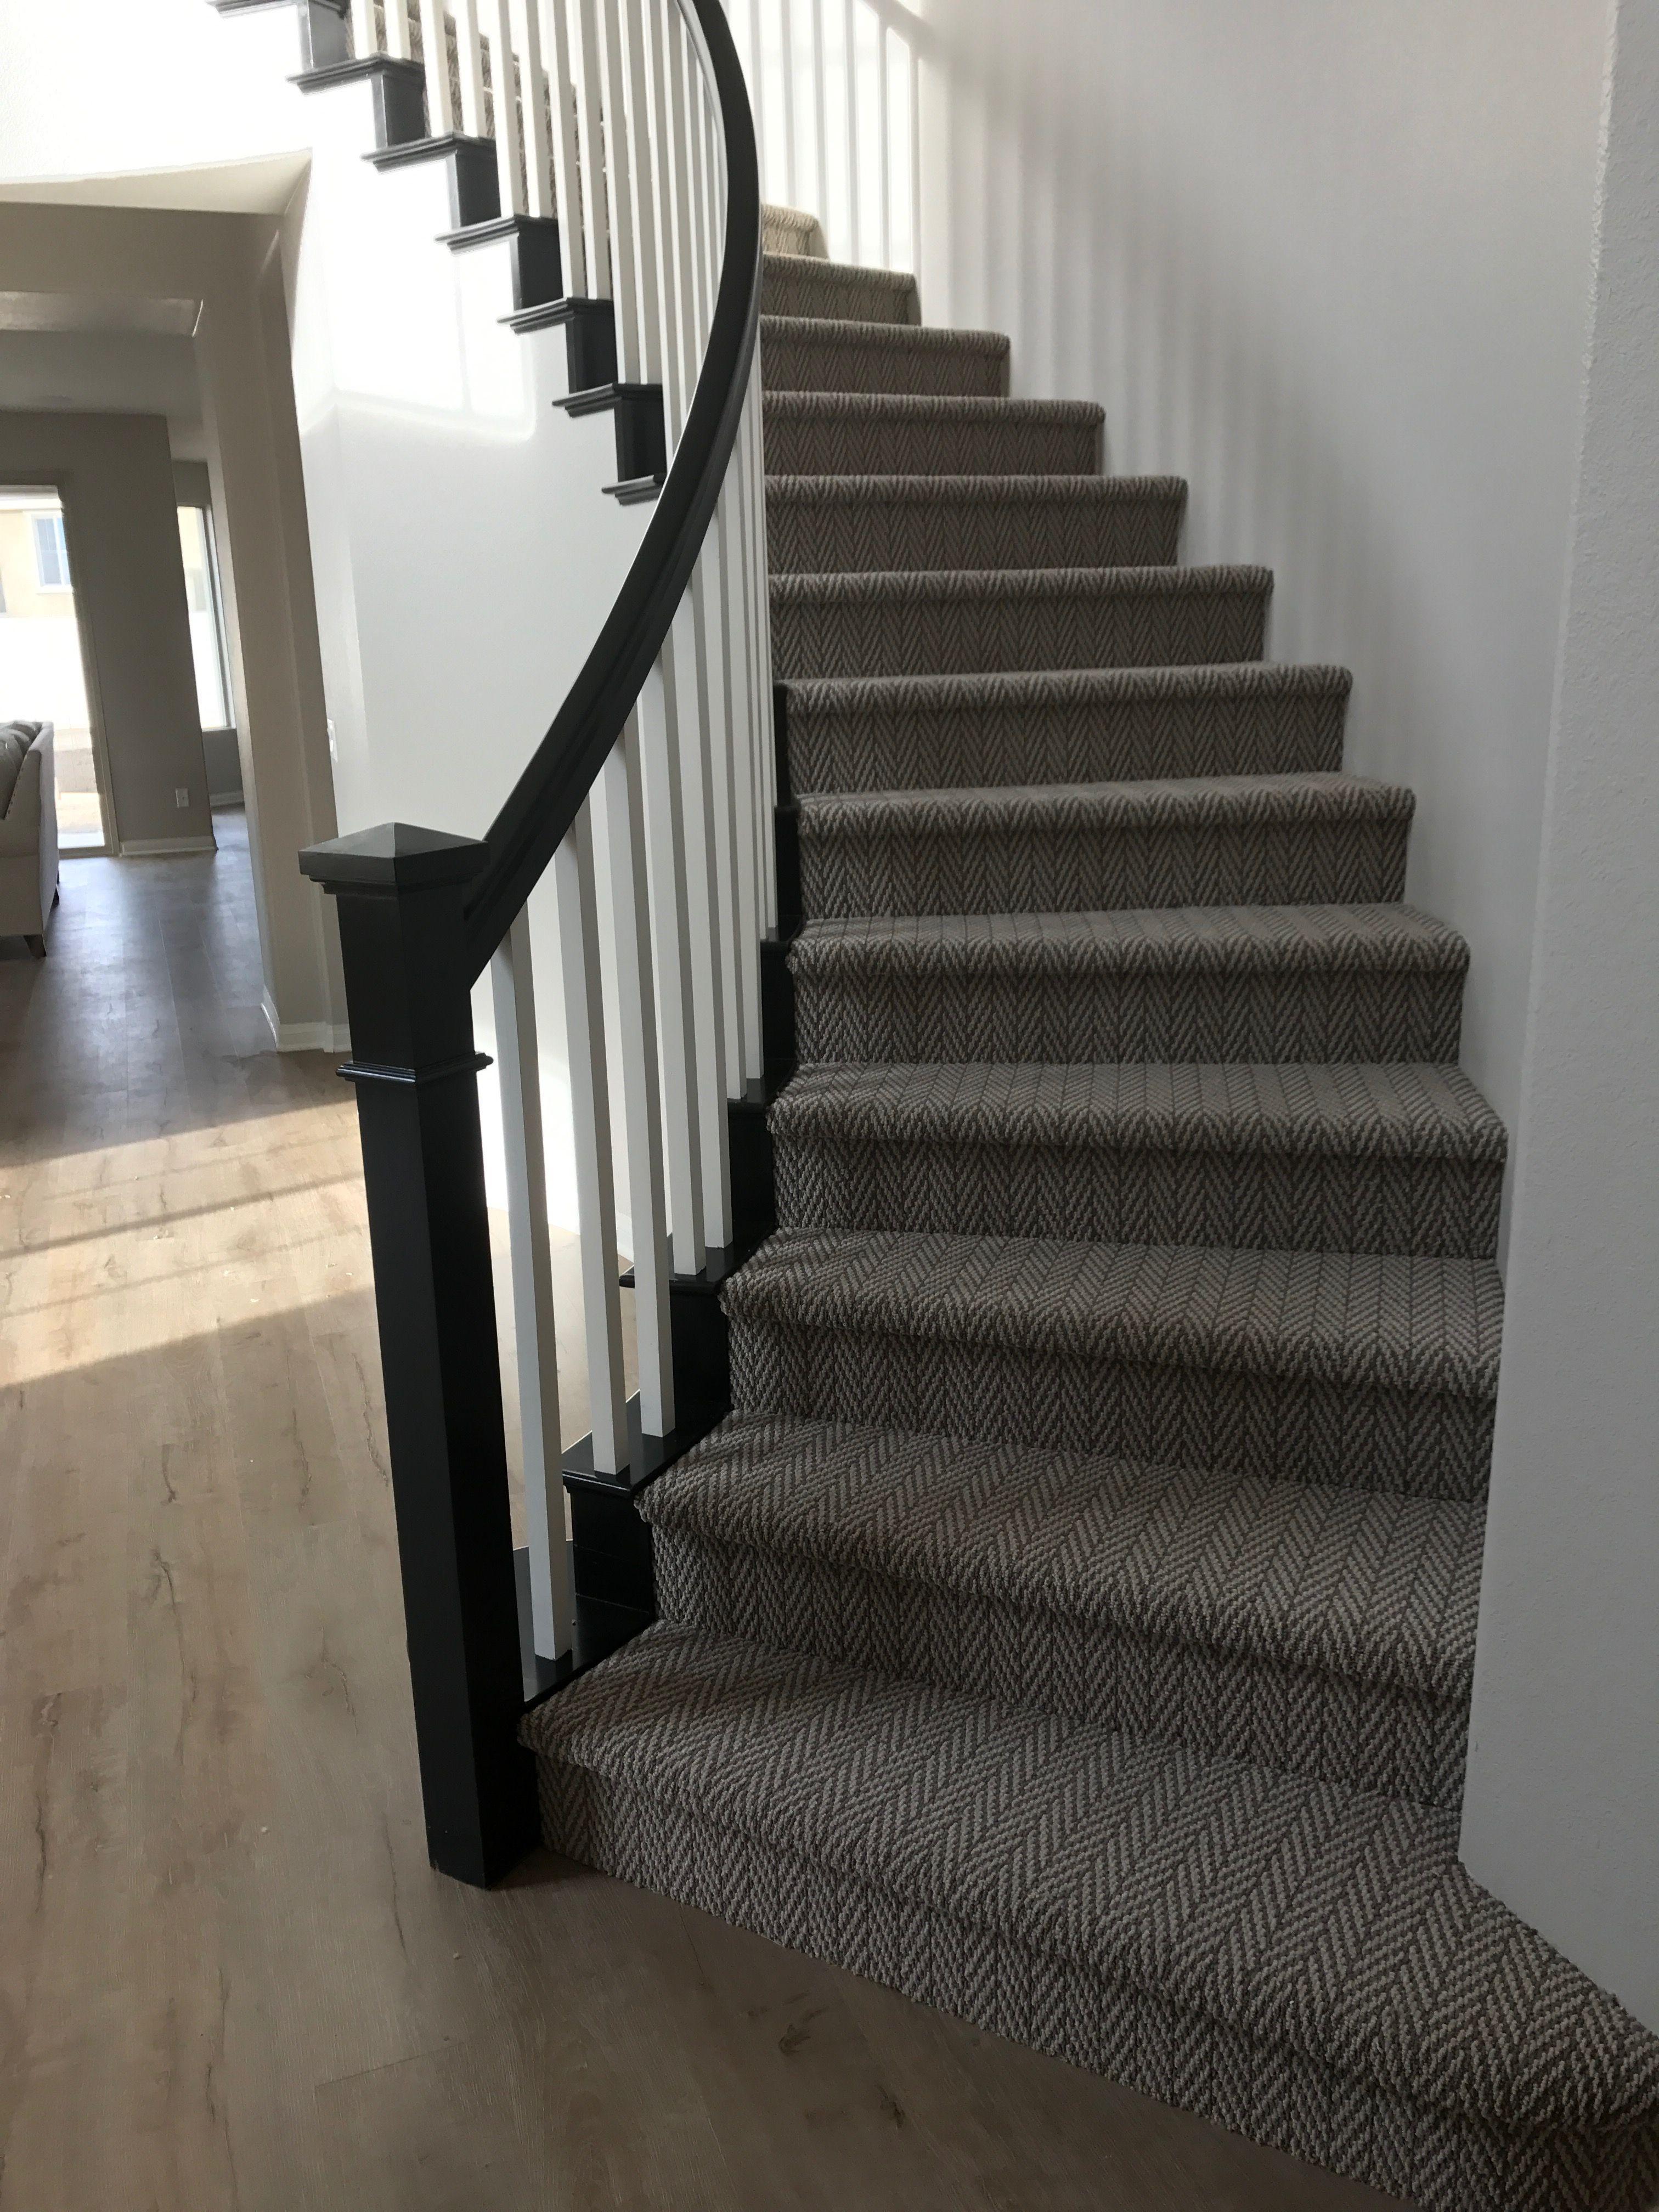 Herringbone Stairway Carpet Best Stair Carpet For High Traffic